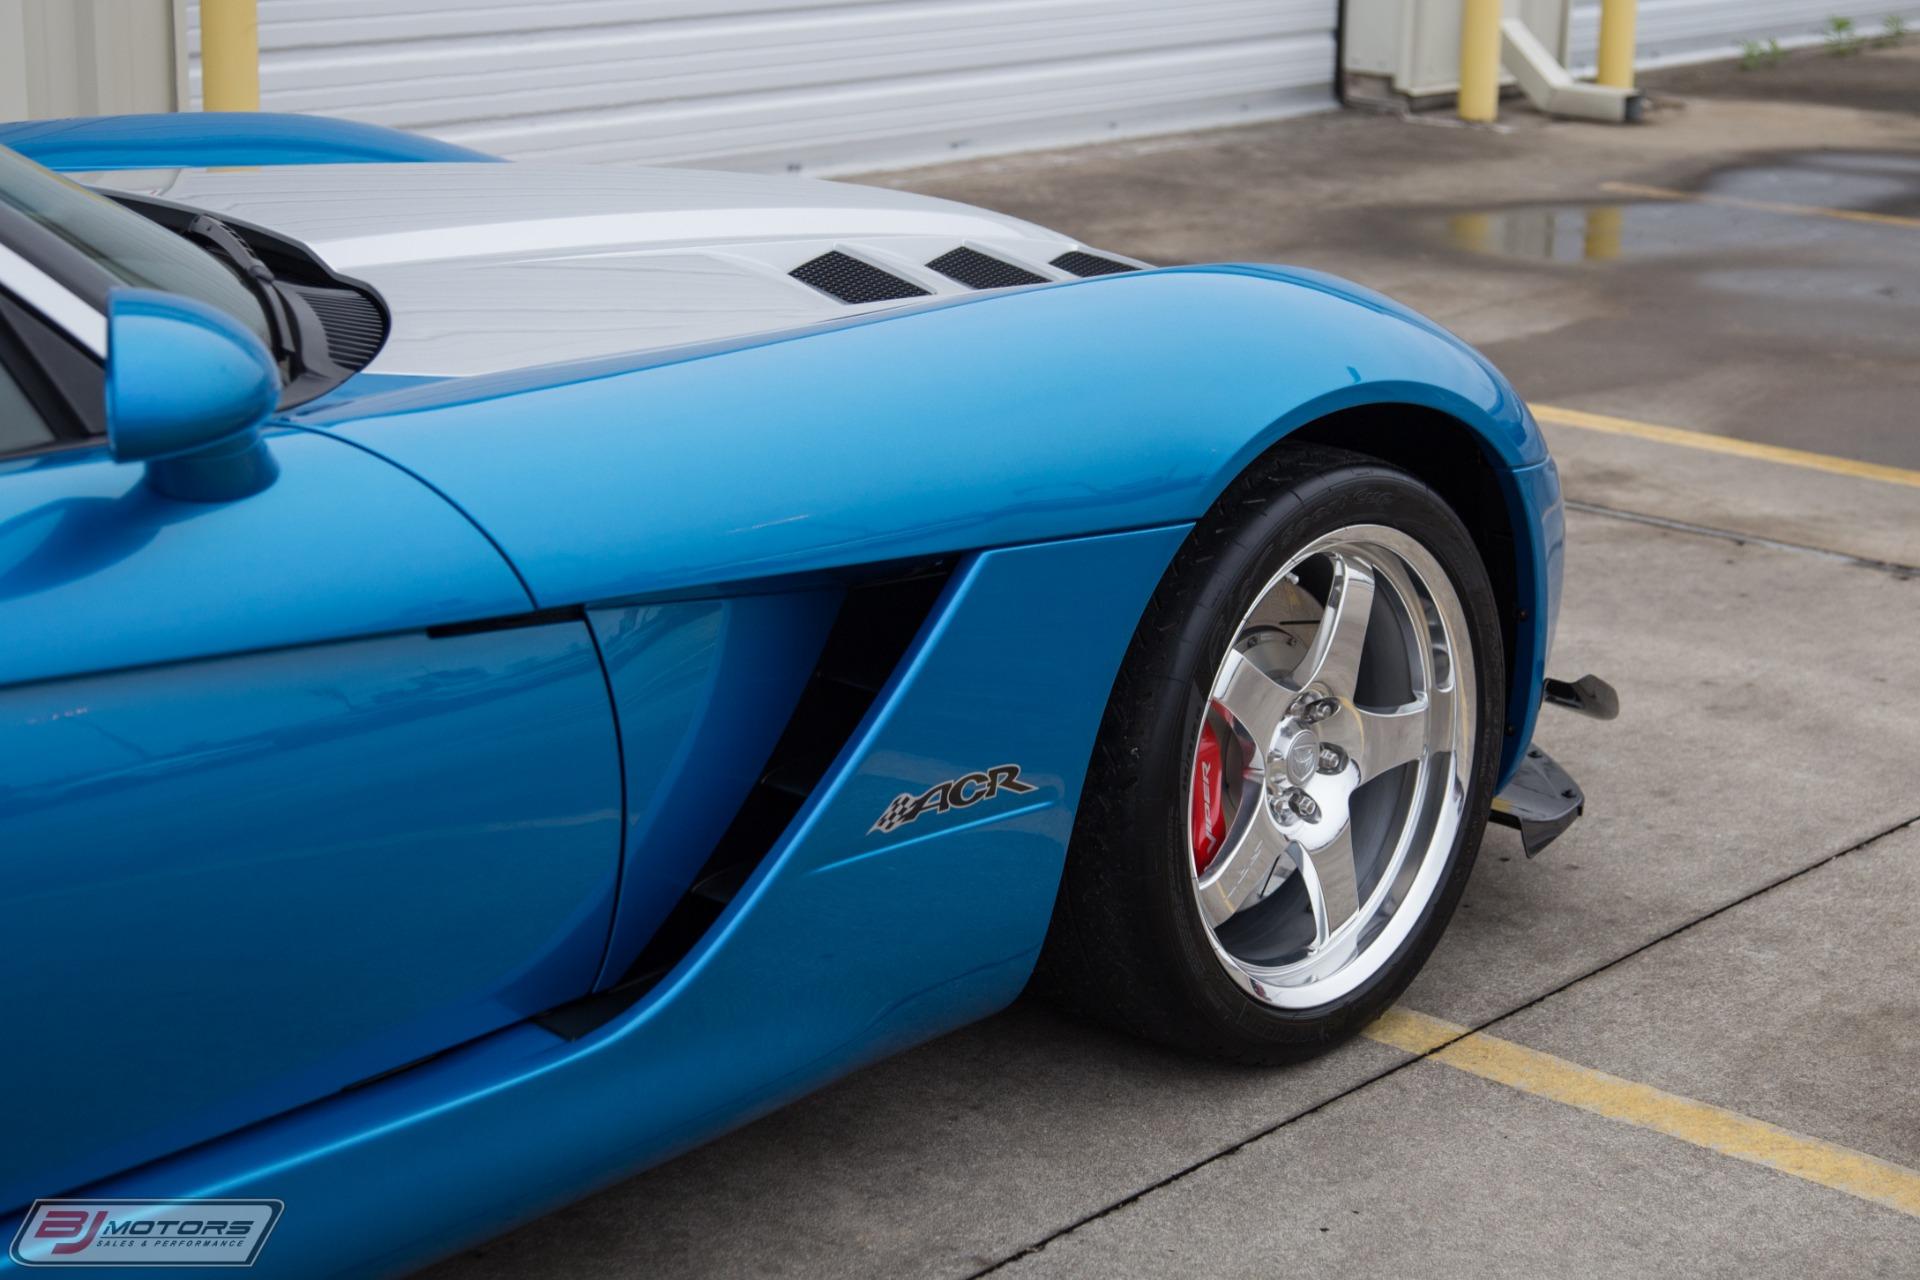 Used-2009-Dodge-Viper-SRT-10-VCA-Raffle-Car-1-of-1